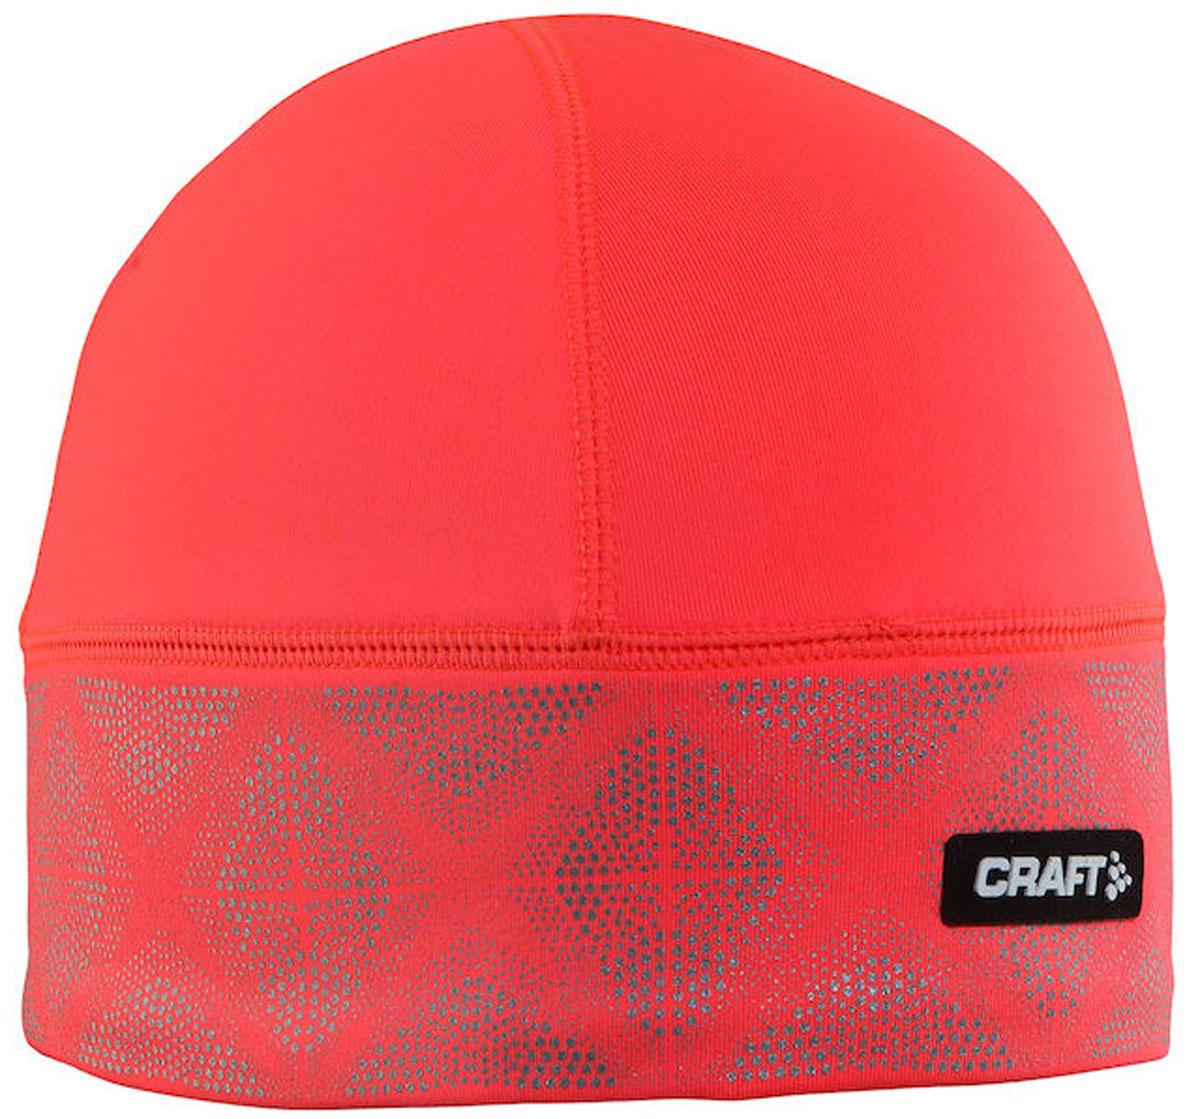 Шапка женская Craft Brilliant 2.0, цвет: коралловый. 1904302/2801. Размер S/M (56)1904302/2801Теплая и легкая шапка Craft Brilliant 2.0 выполнена из эластичного полиэстера. Материал мягкий и приятный на ощупь. Изделие оформлено светоотражающим принтом.